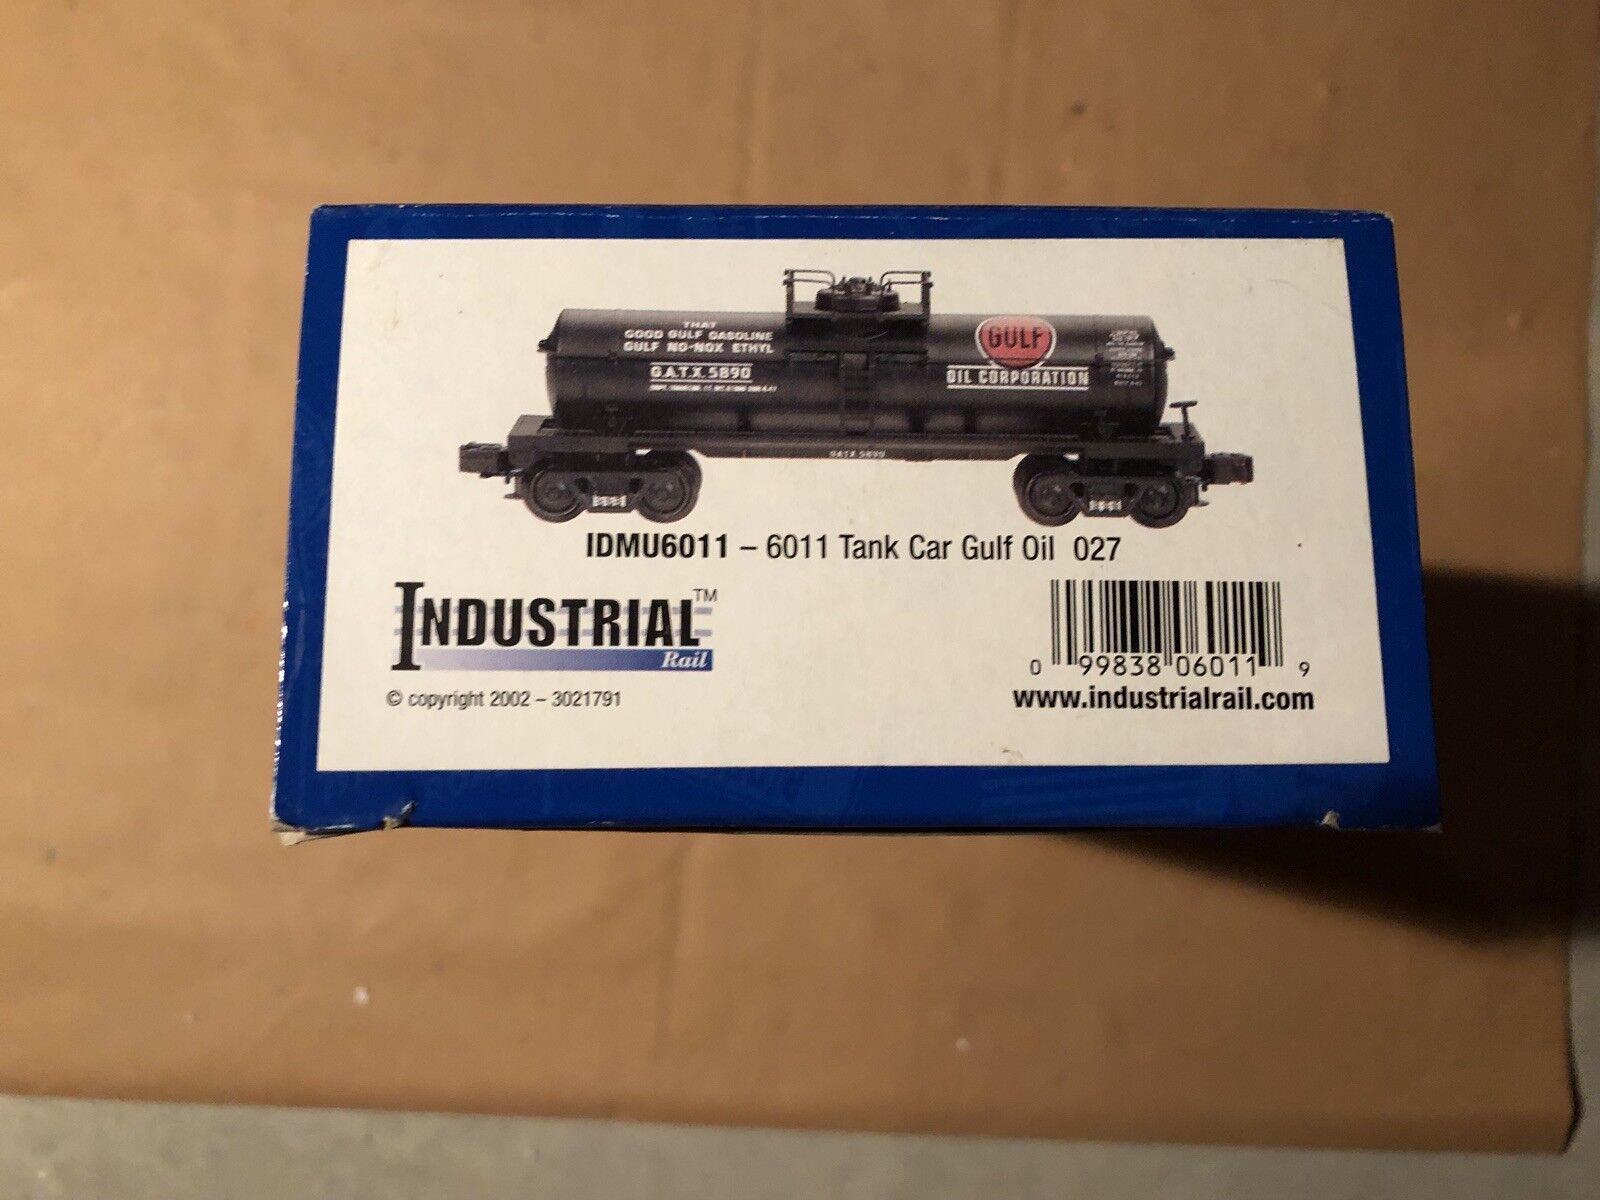 garantizado Tanque De Cocheril industrial IDMU 6011 Gulf oil coche coche coche nuevo en caja 027 Envío Gratuito  barato y de moda